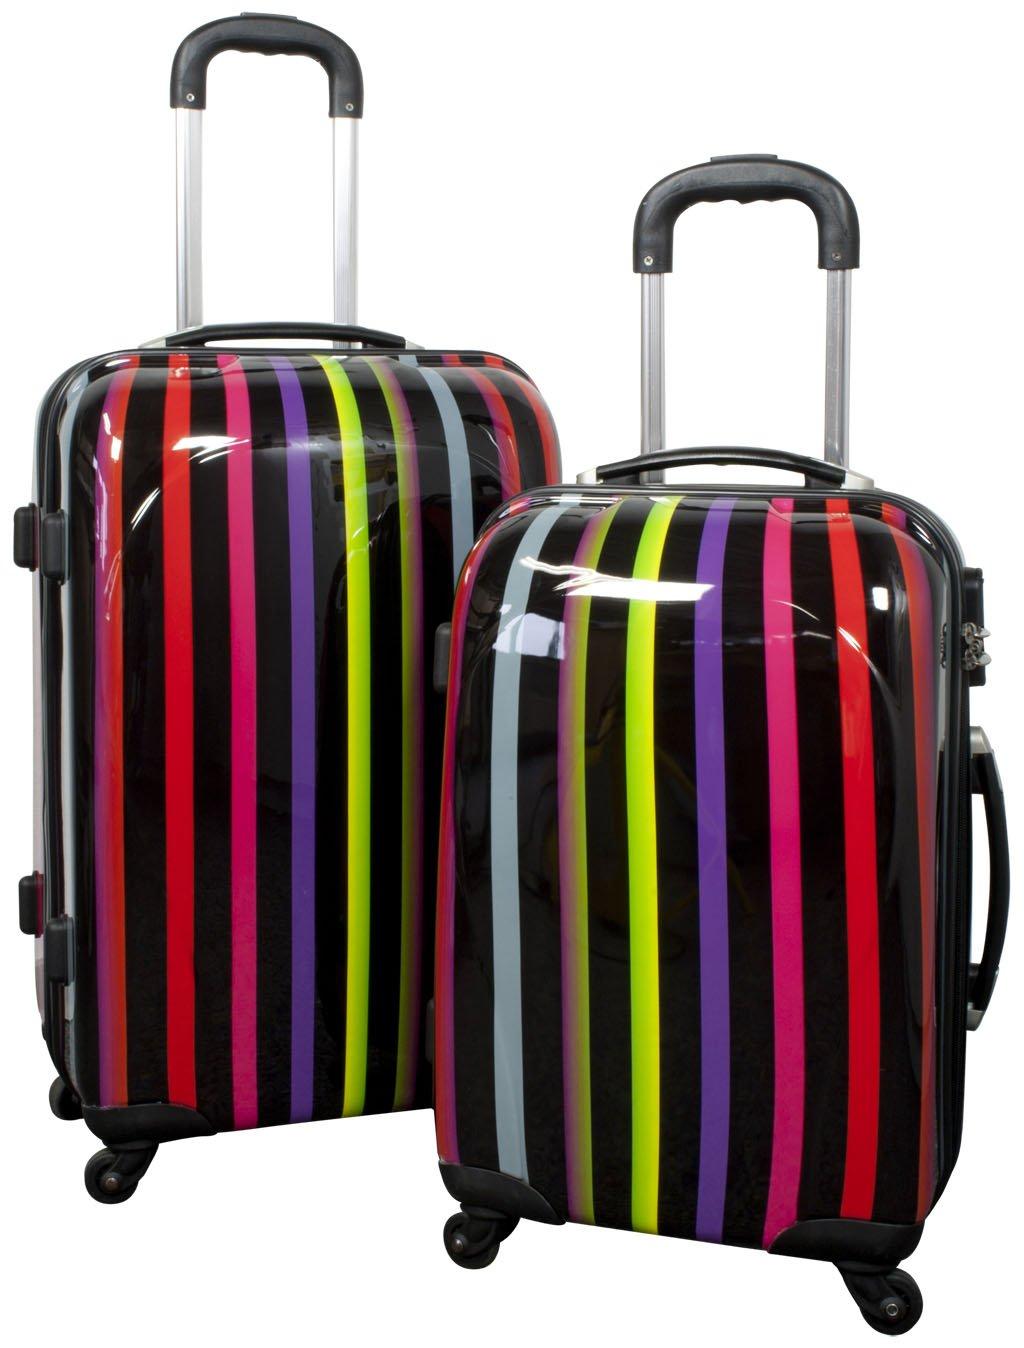 Trolley-Koffer-Set 2-tlg. – Hartschale – in verschiedenen Farben und Mustern (Asmara) günstig